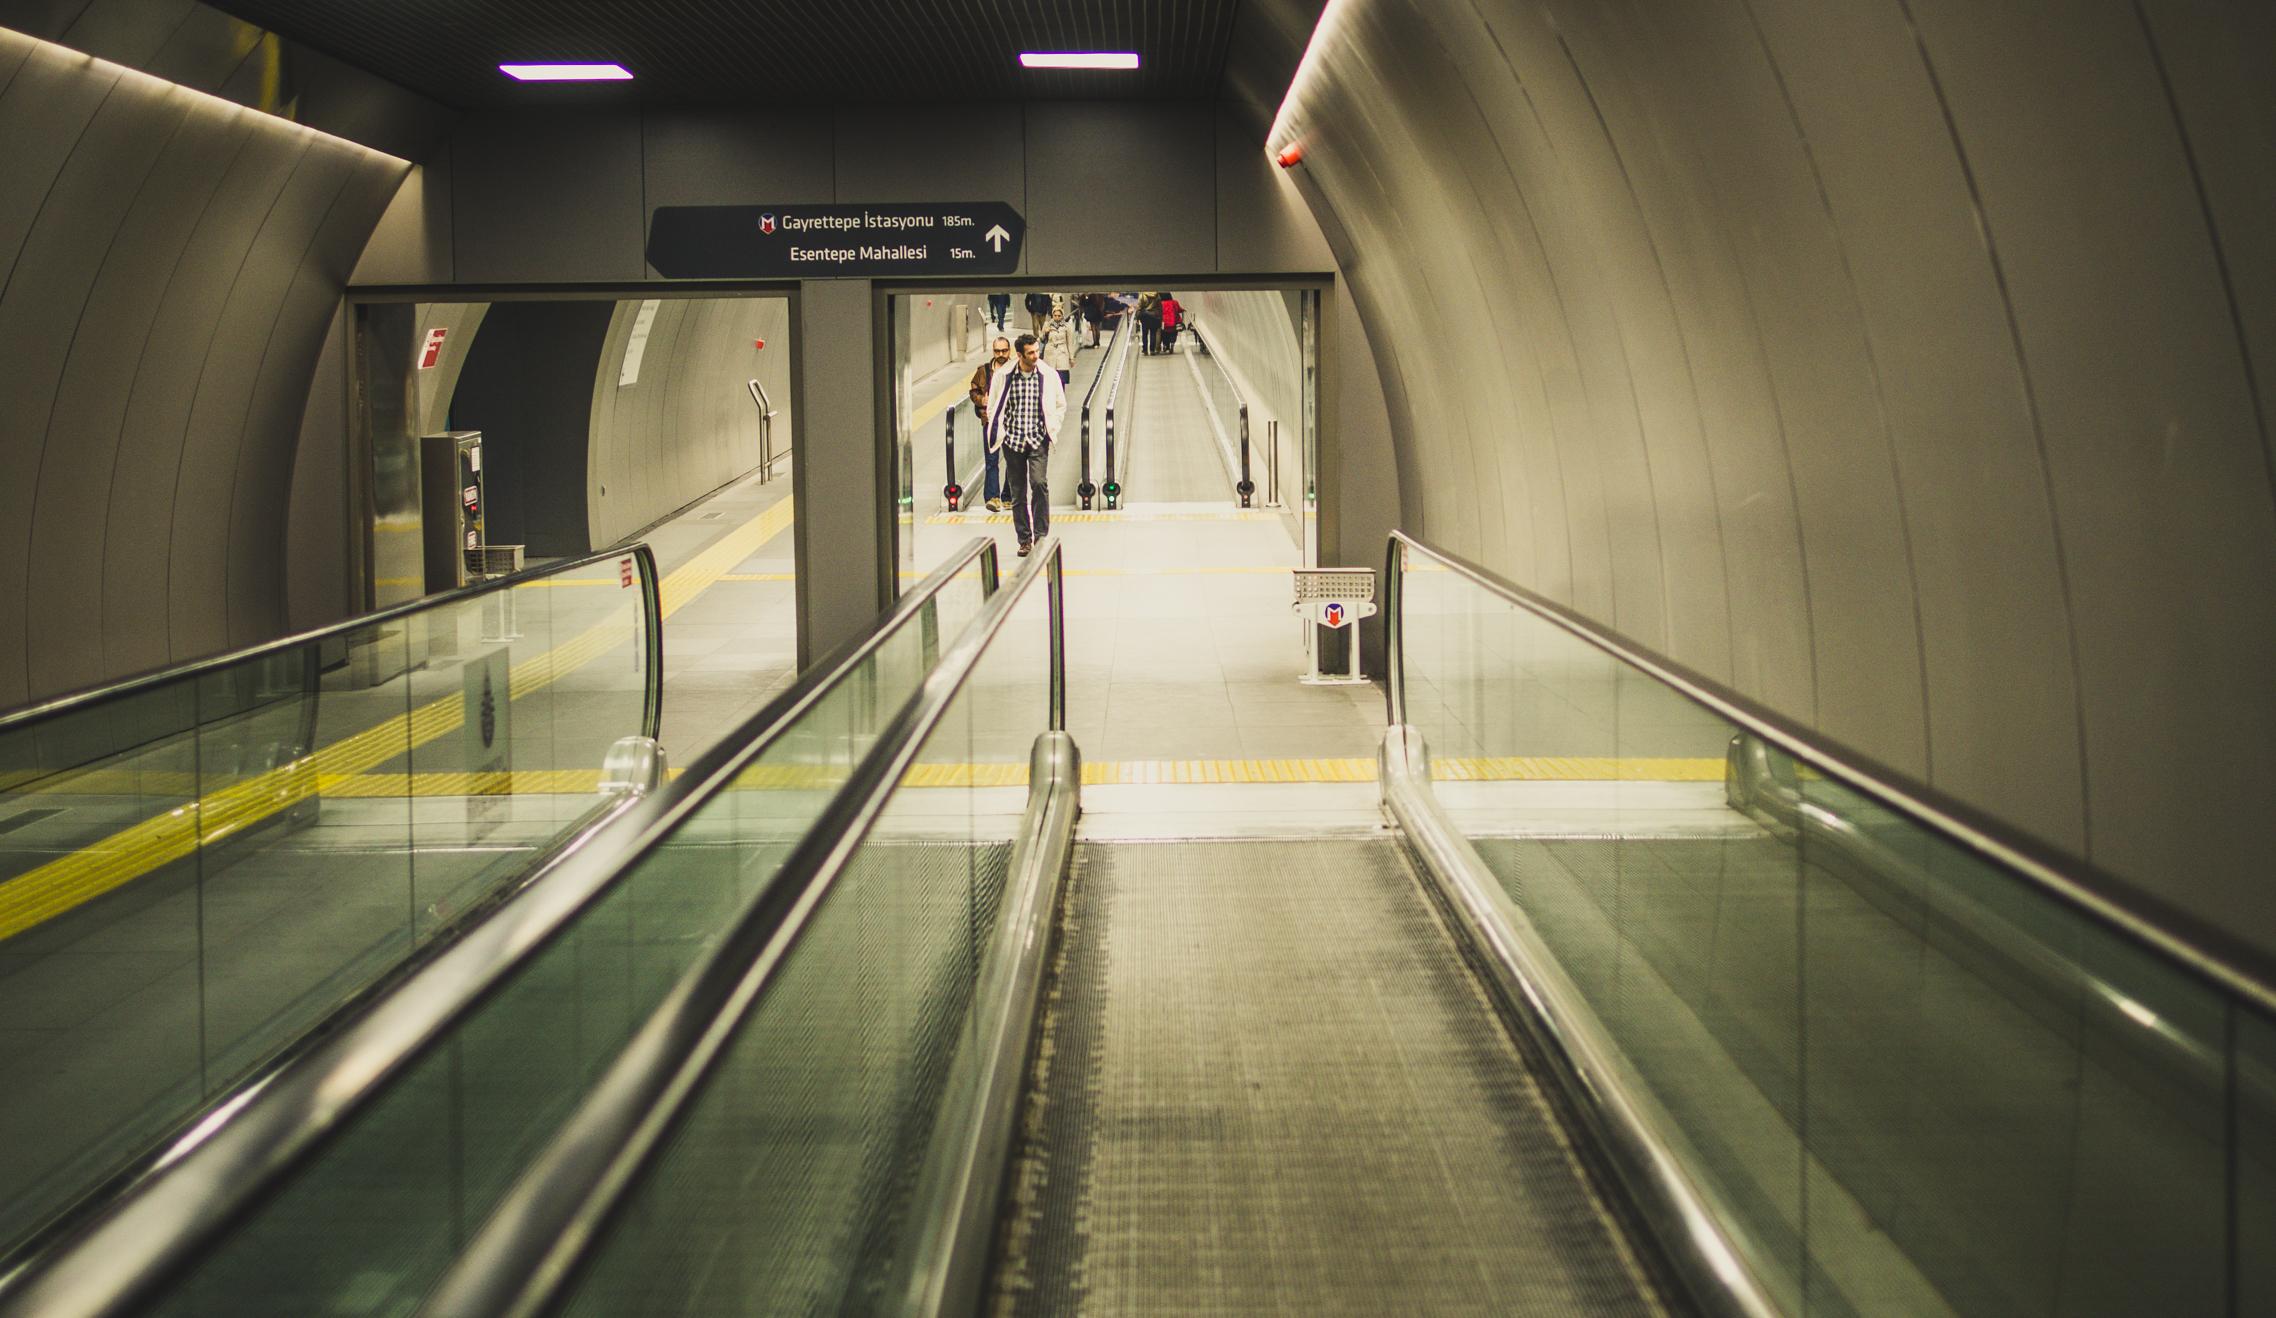 Verbindungen in der Tiefe: Tunnel zum U-Bahnhof Taksim.